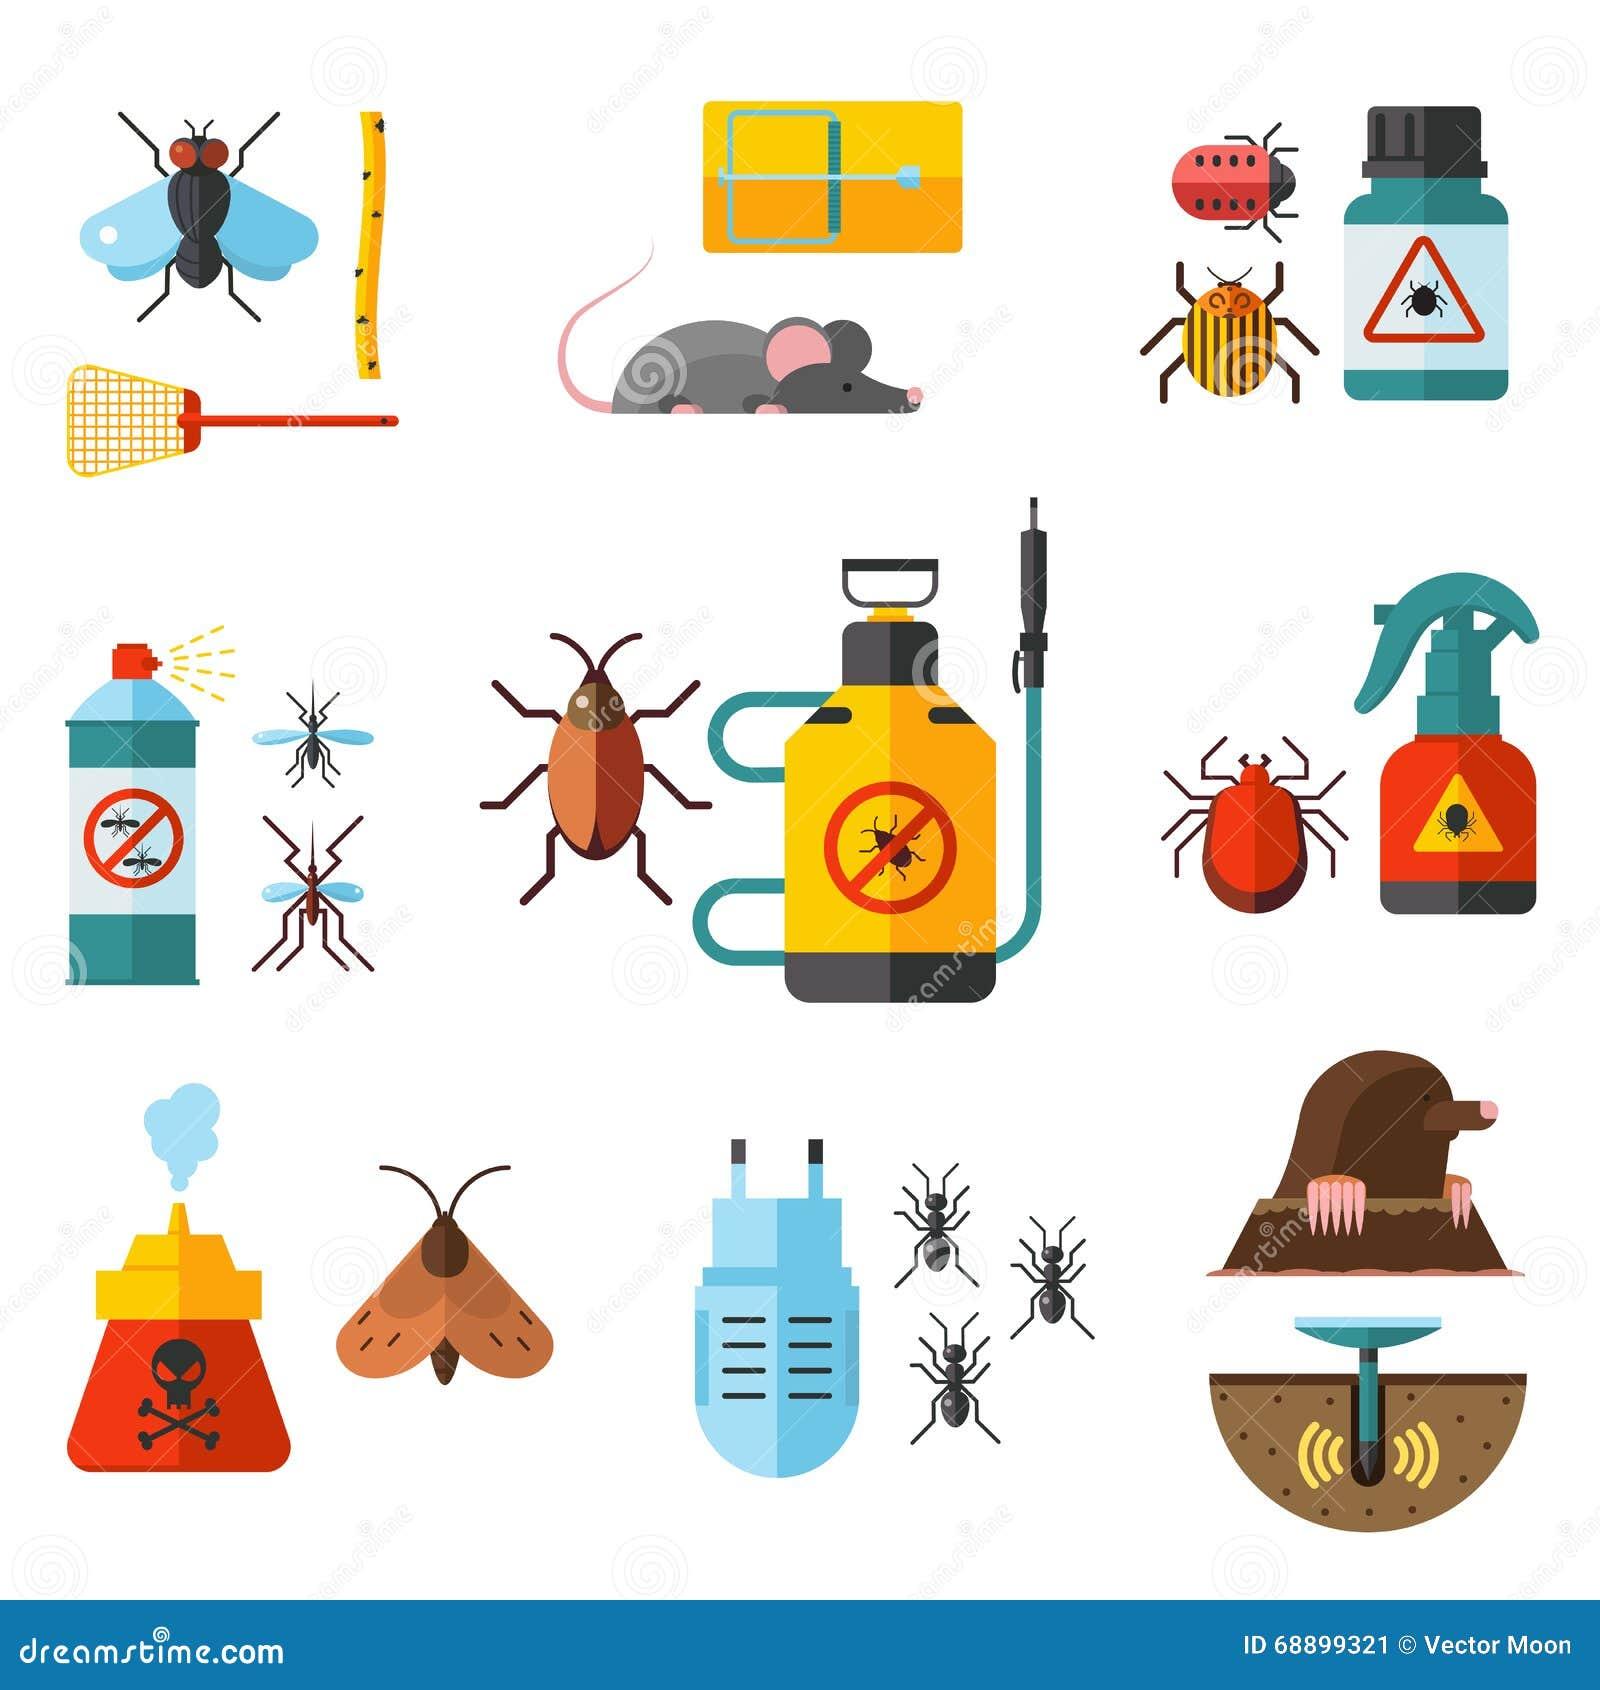 Lutter contre les souris dans la maison description entreprise de dratisation tournai conseils - Solution radicale contre les souris ...